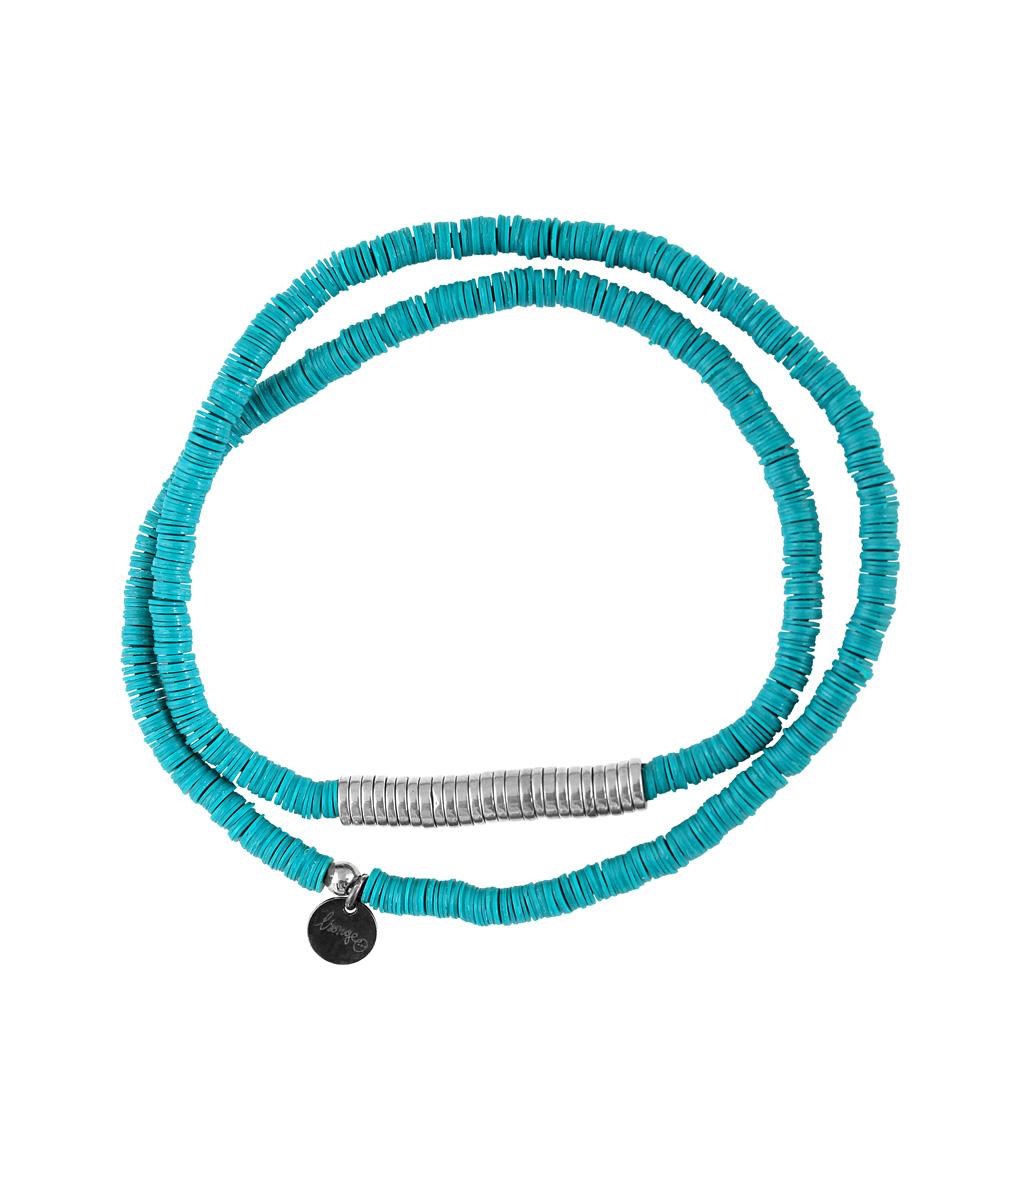 Bracelet Homme Zannot Long Turquoise/ Argenté